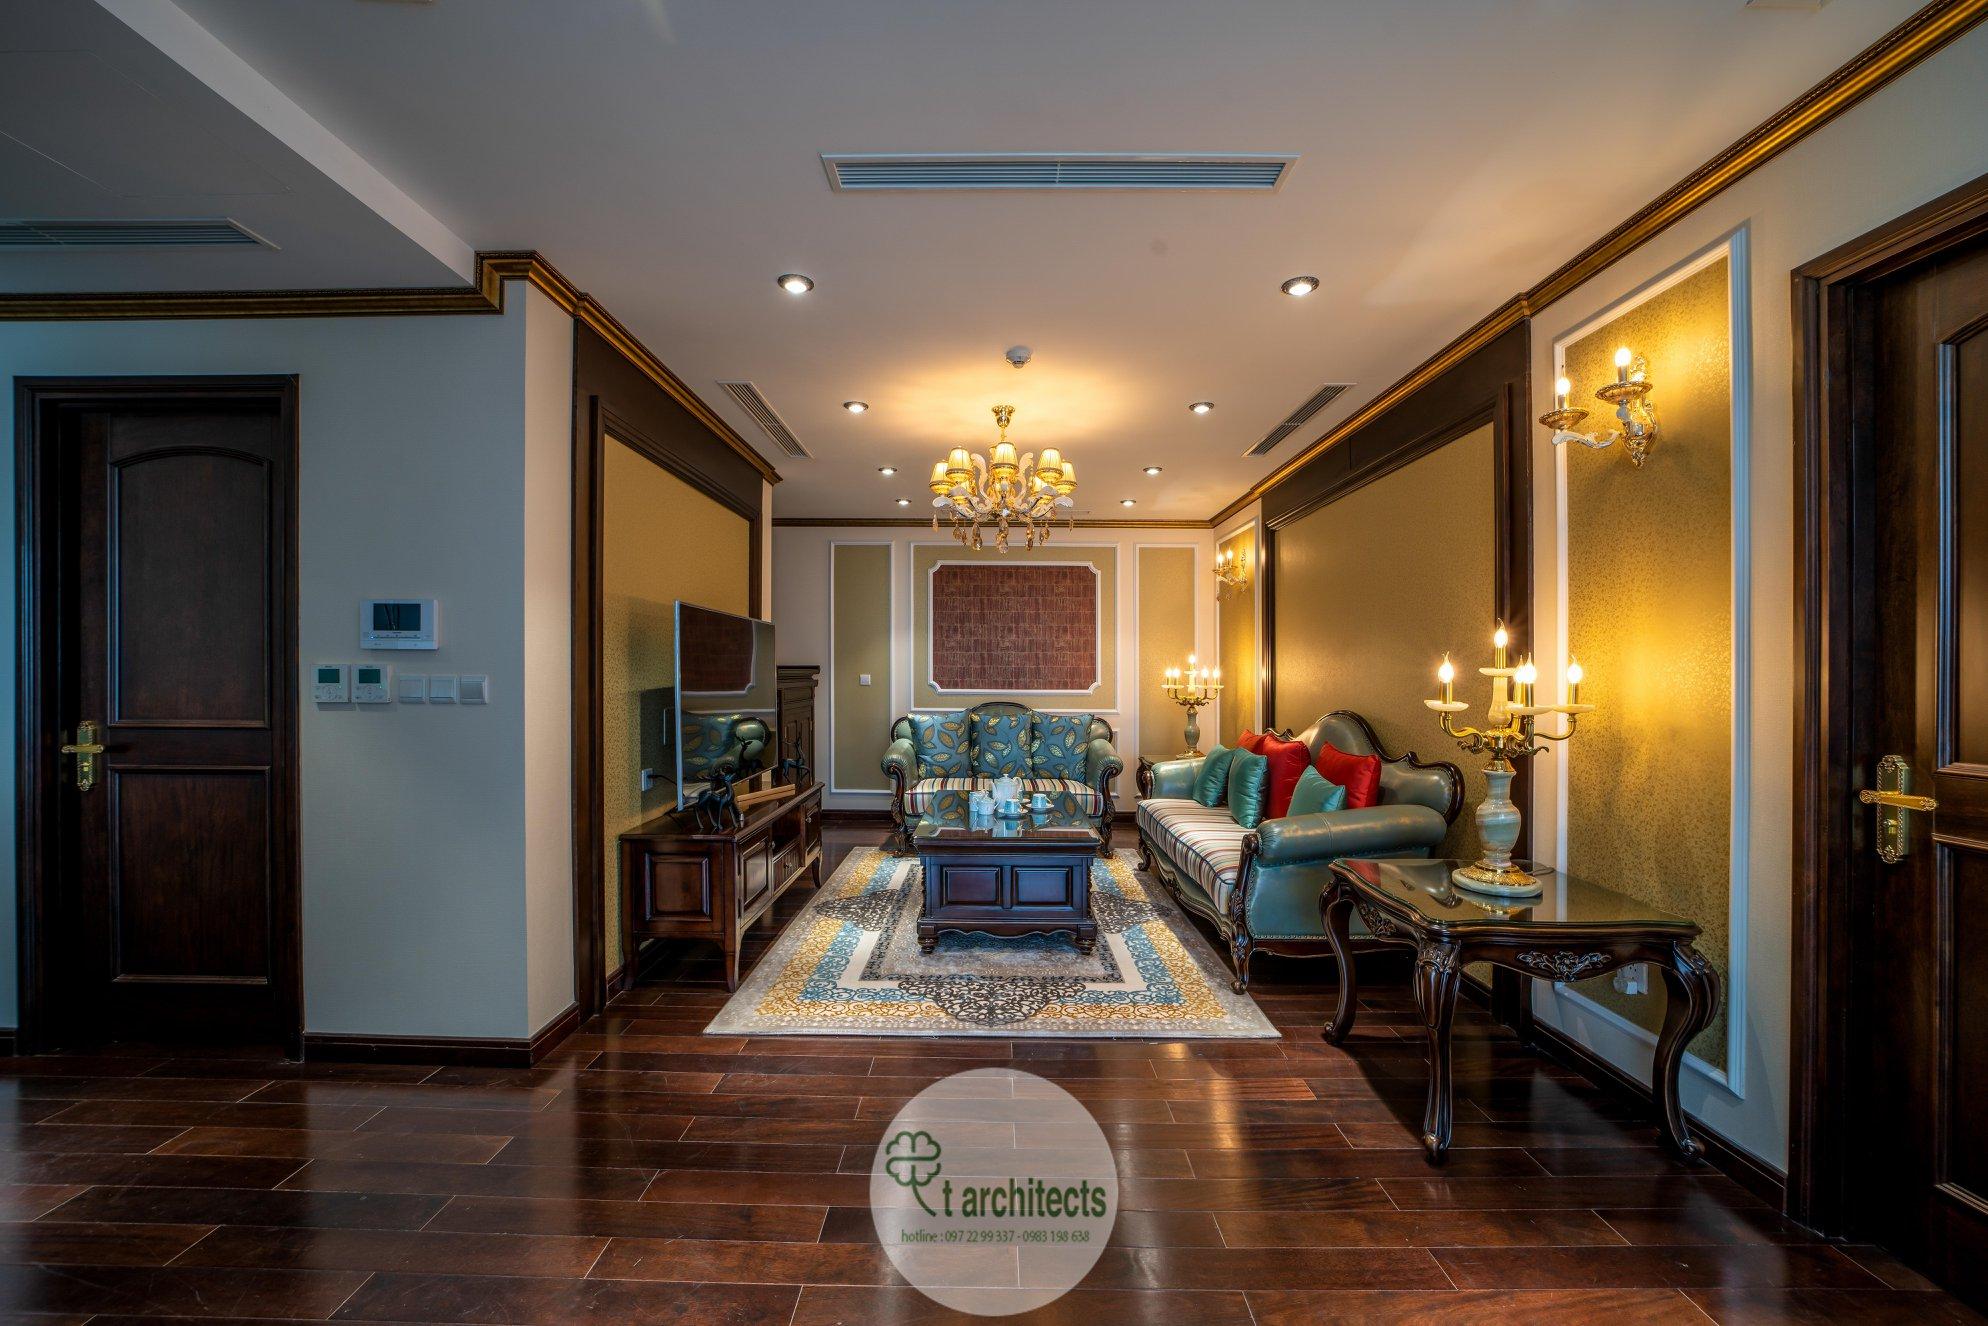 Thiết kế nội thất Chung Cư tại Hà Nội Thiết kế 6 căn hộ mẫu chung cư HC GOLDEN CITY 1589766601 31